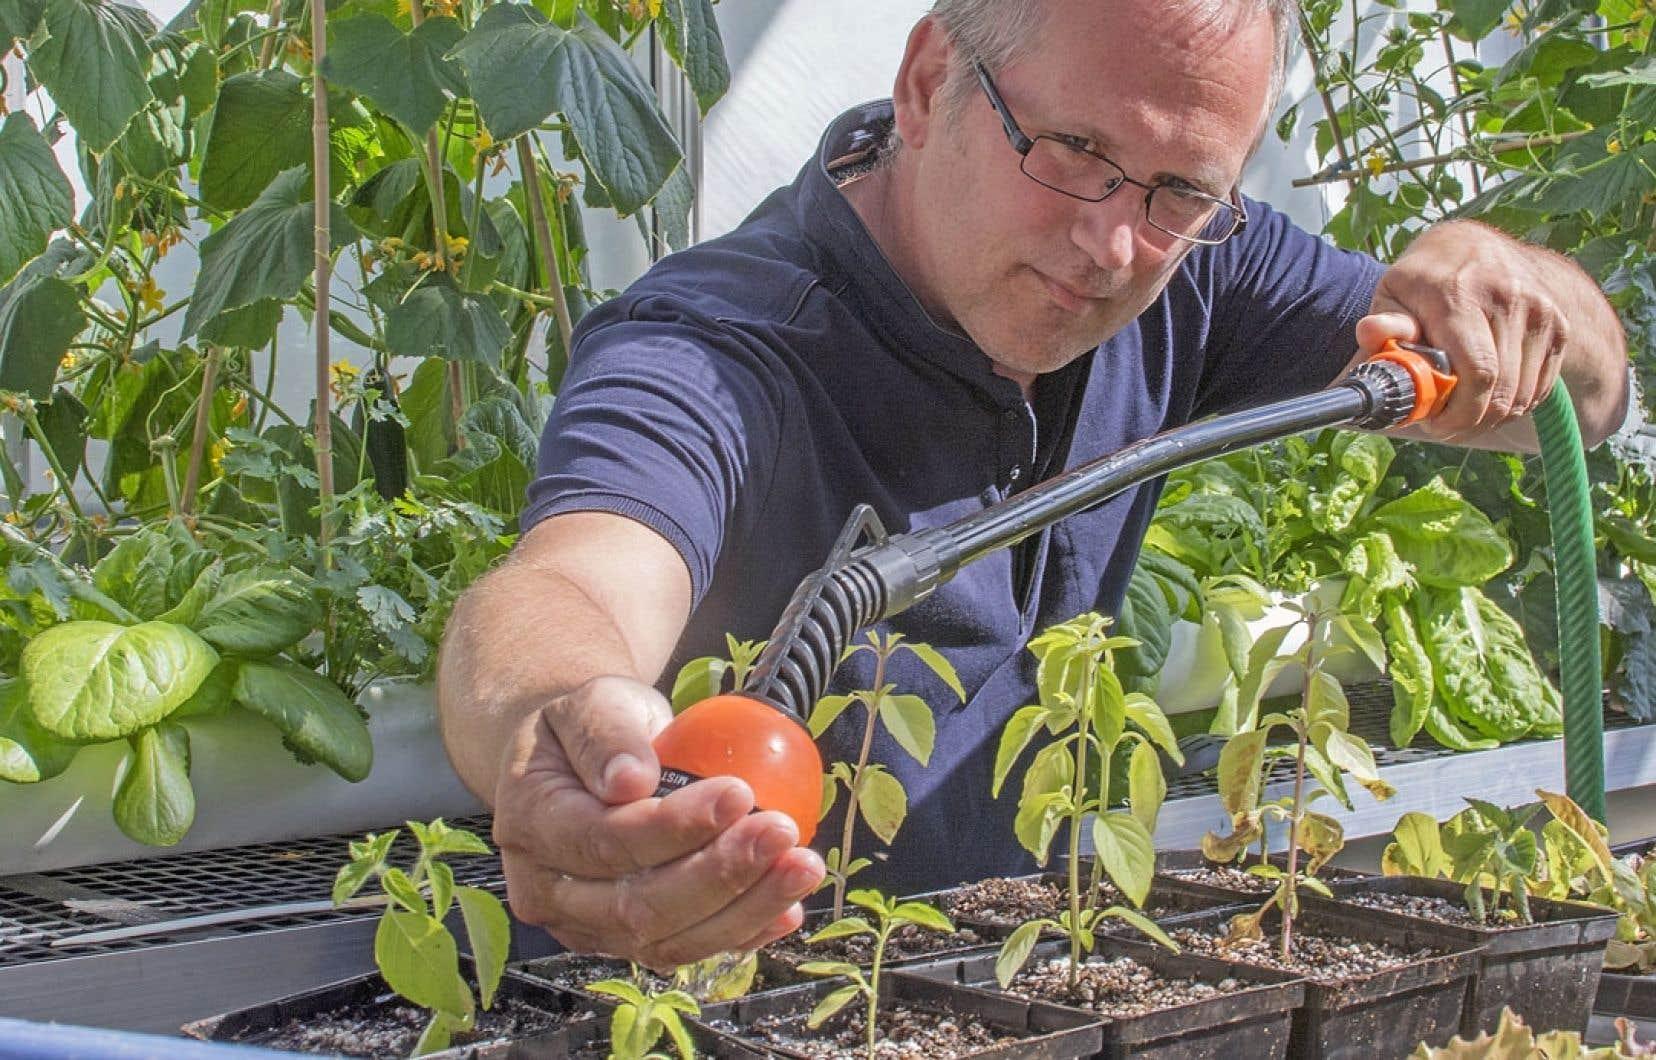 Pour Éric Duchemin, l'enjeu fondamental est la justice alimentaire.